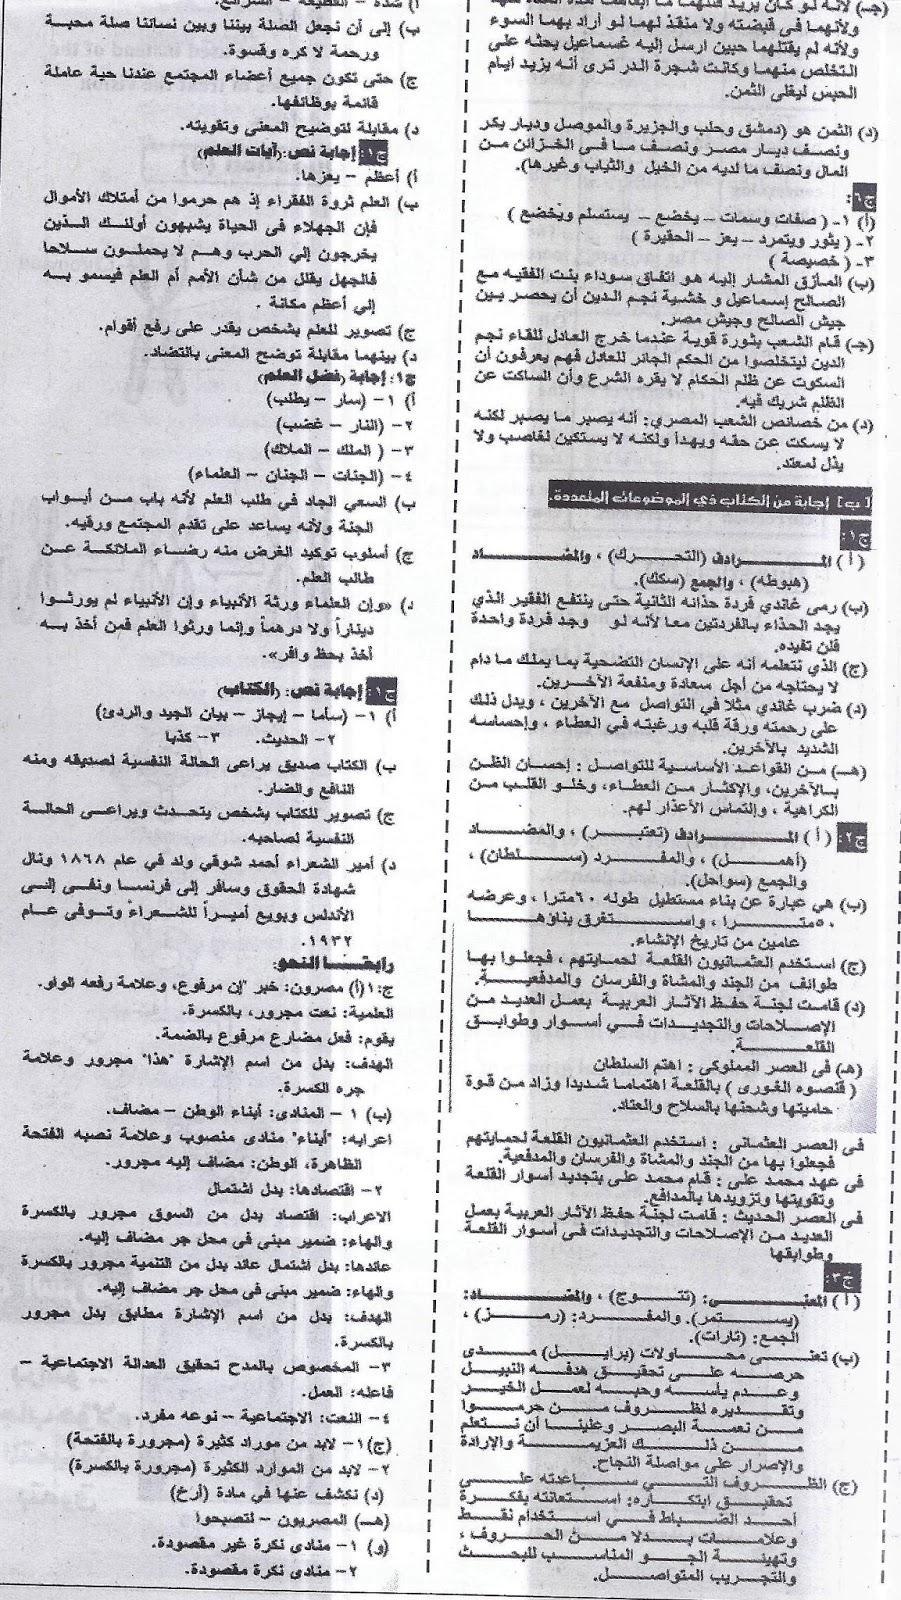 """المراجعة الاخيرة """"لغة عربية"""" ليلة امتحان نصف العام ... للشهادة الاعدادية - ملحق الجمهورية 20/1/2016 11"""